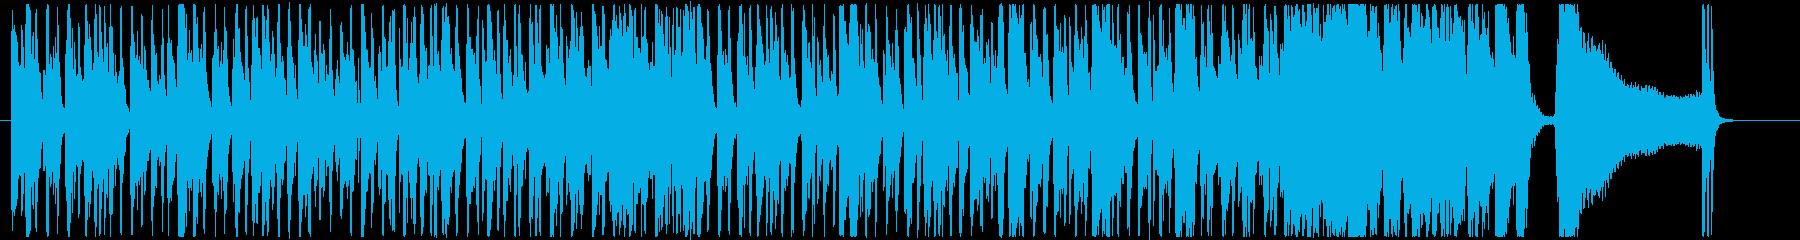 哀愁ただようカントリー調ブルースの再生済みの波形